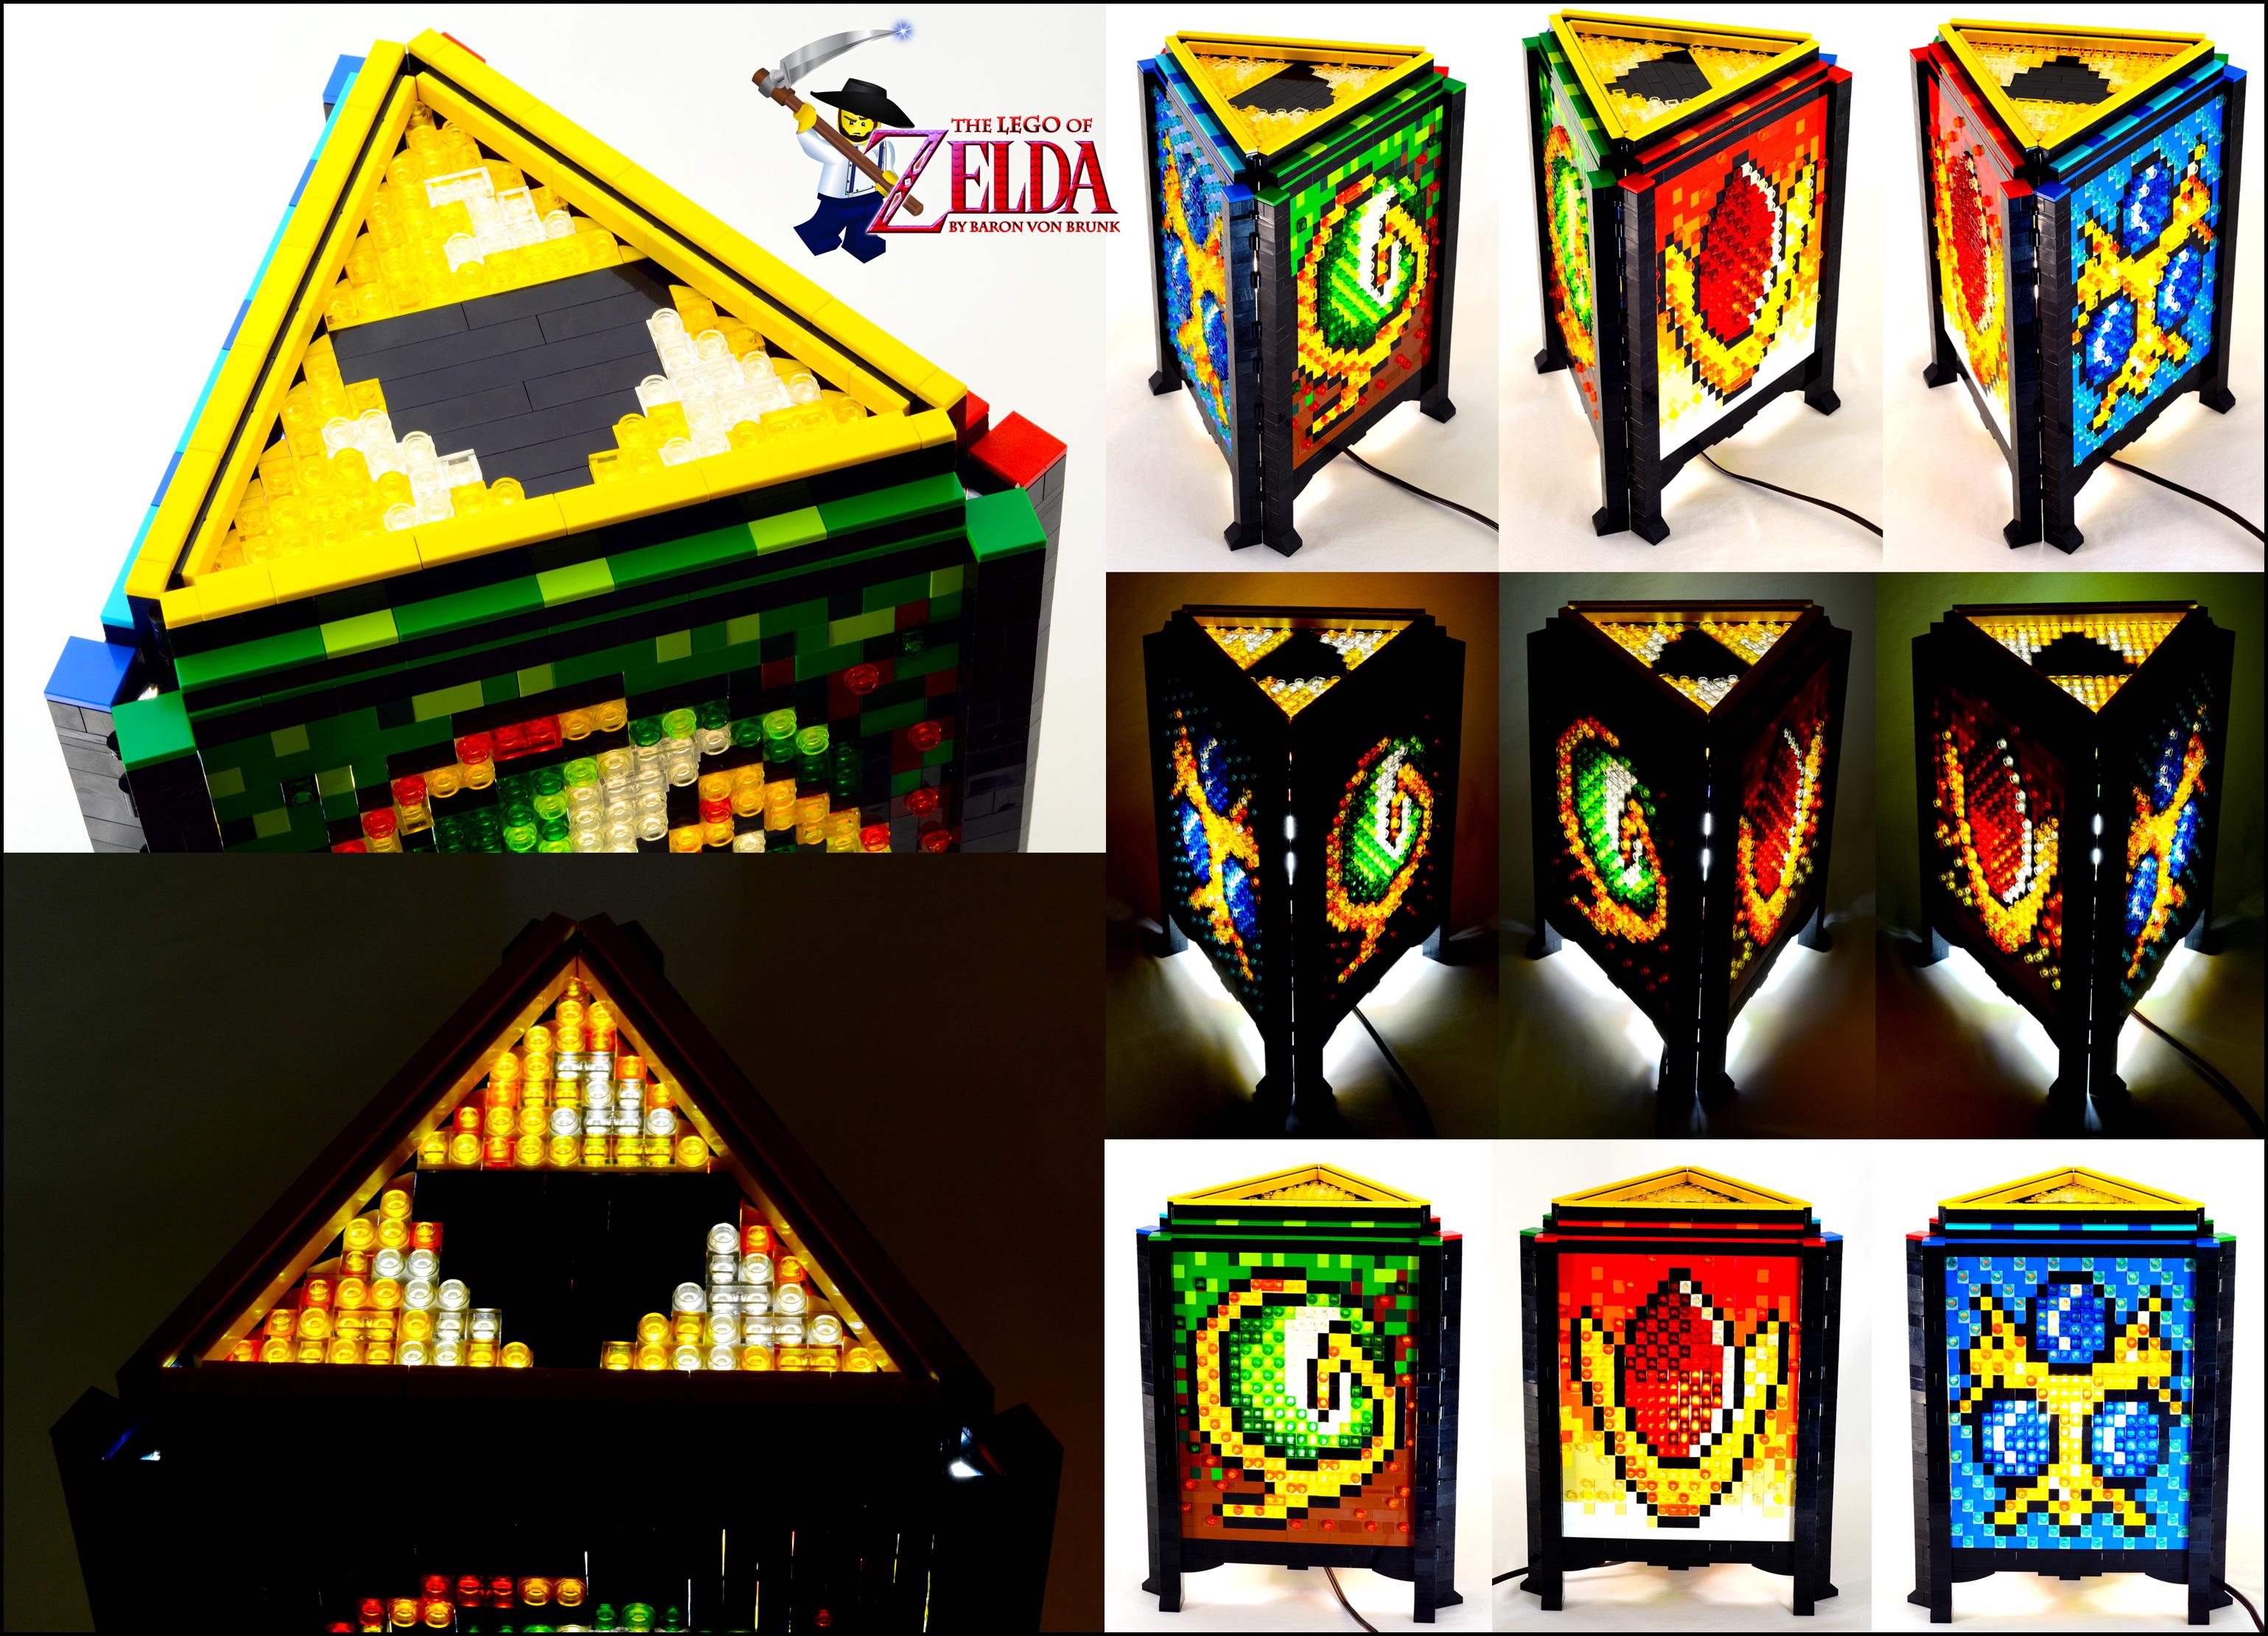 High Quality THE LEGO OF ELDA BY BARON VON BRUNK